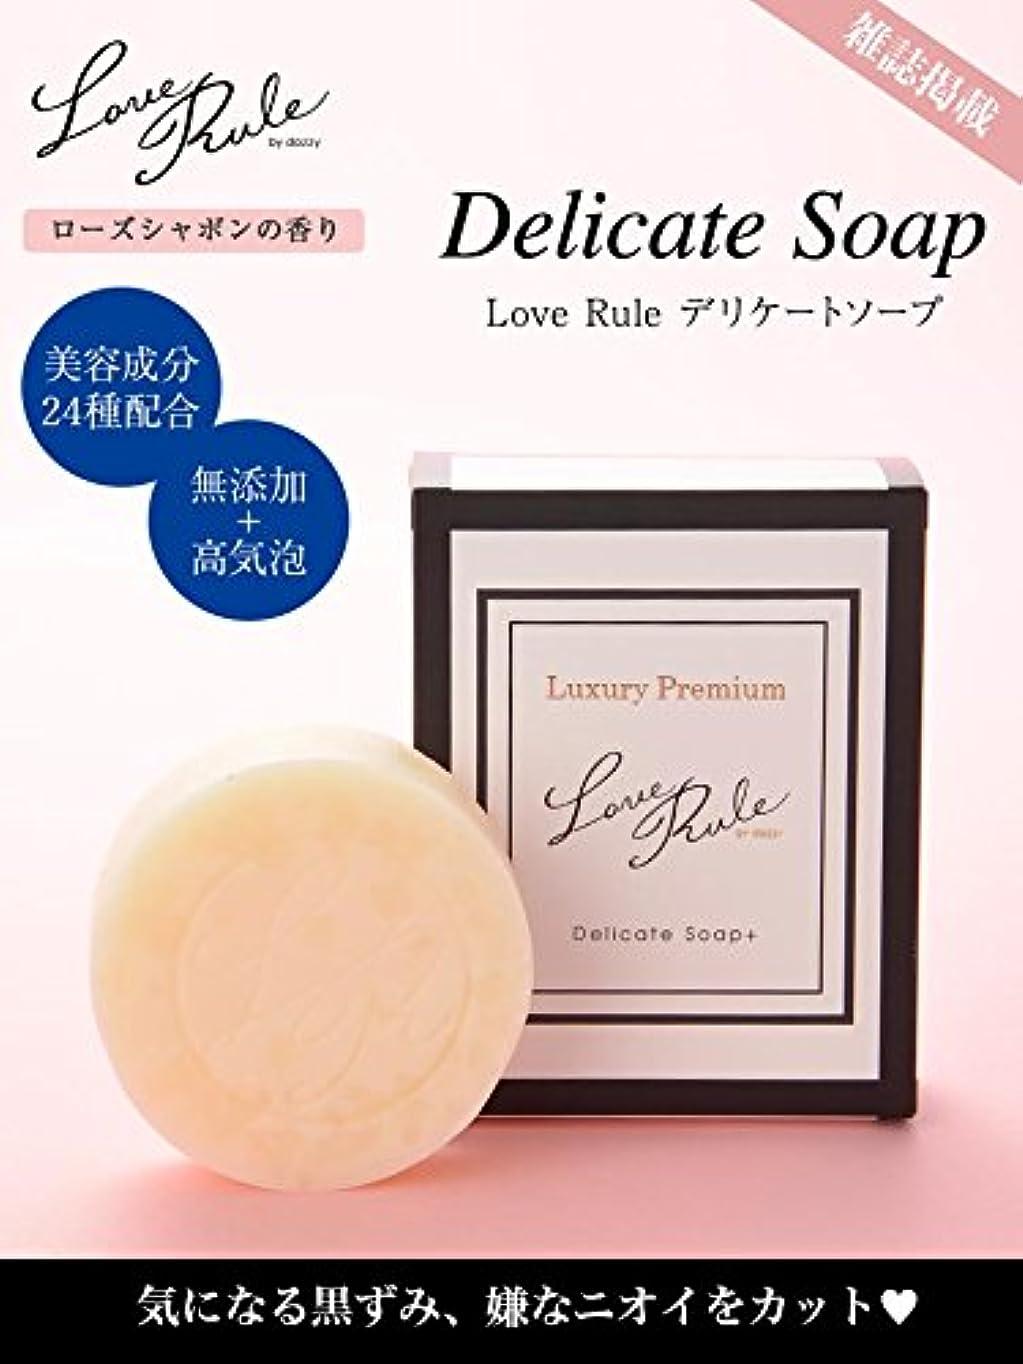 行うミュート欺Love Rule デリケートゾーン ソープ プラス 美容成分24種配合 石鹸